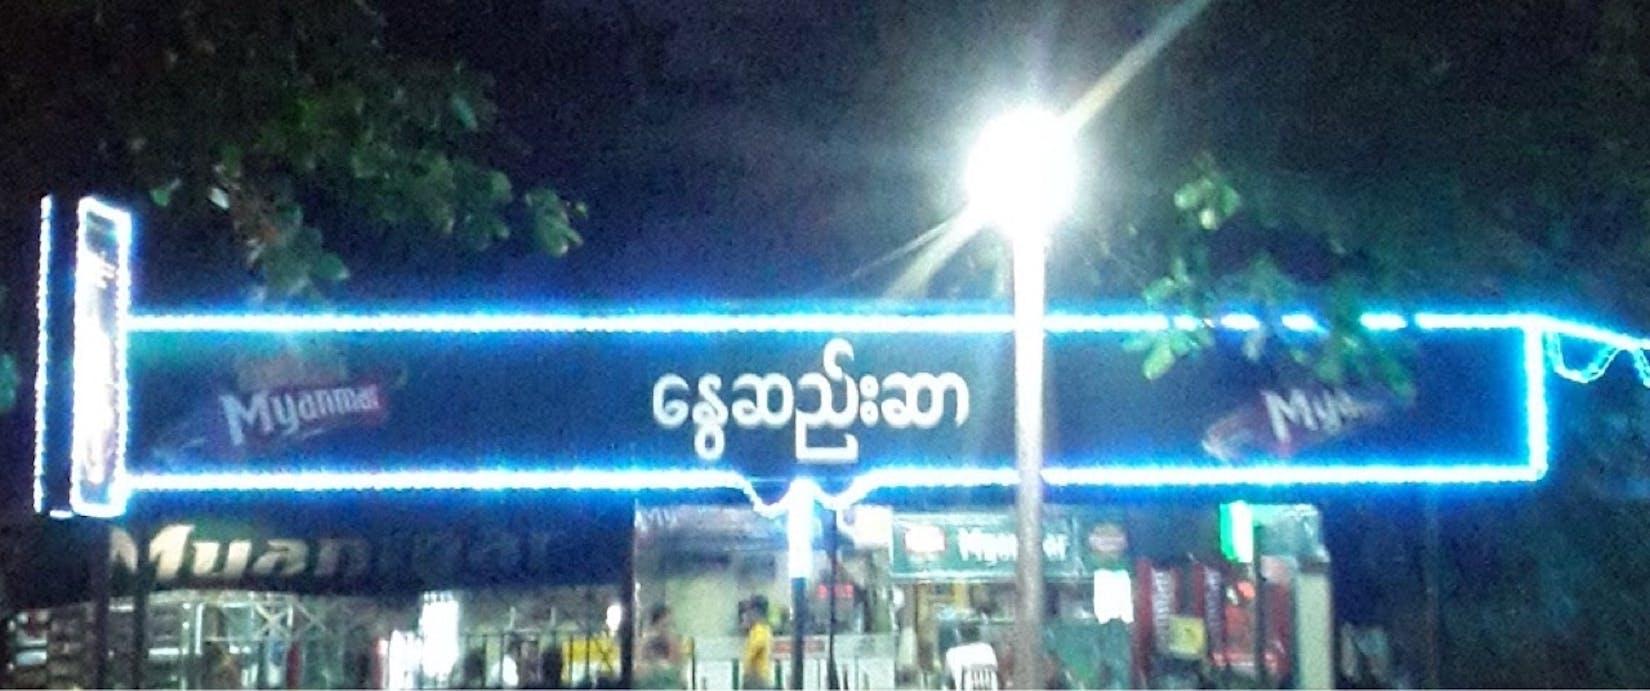 Nway See Sar Beer Bar & Resturant | yathar